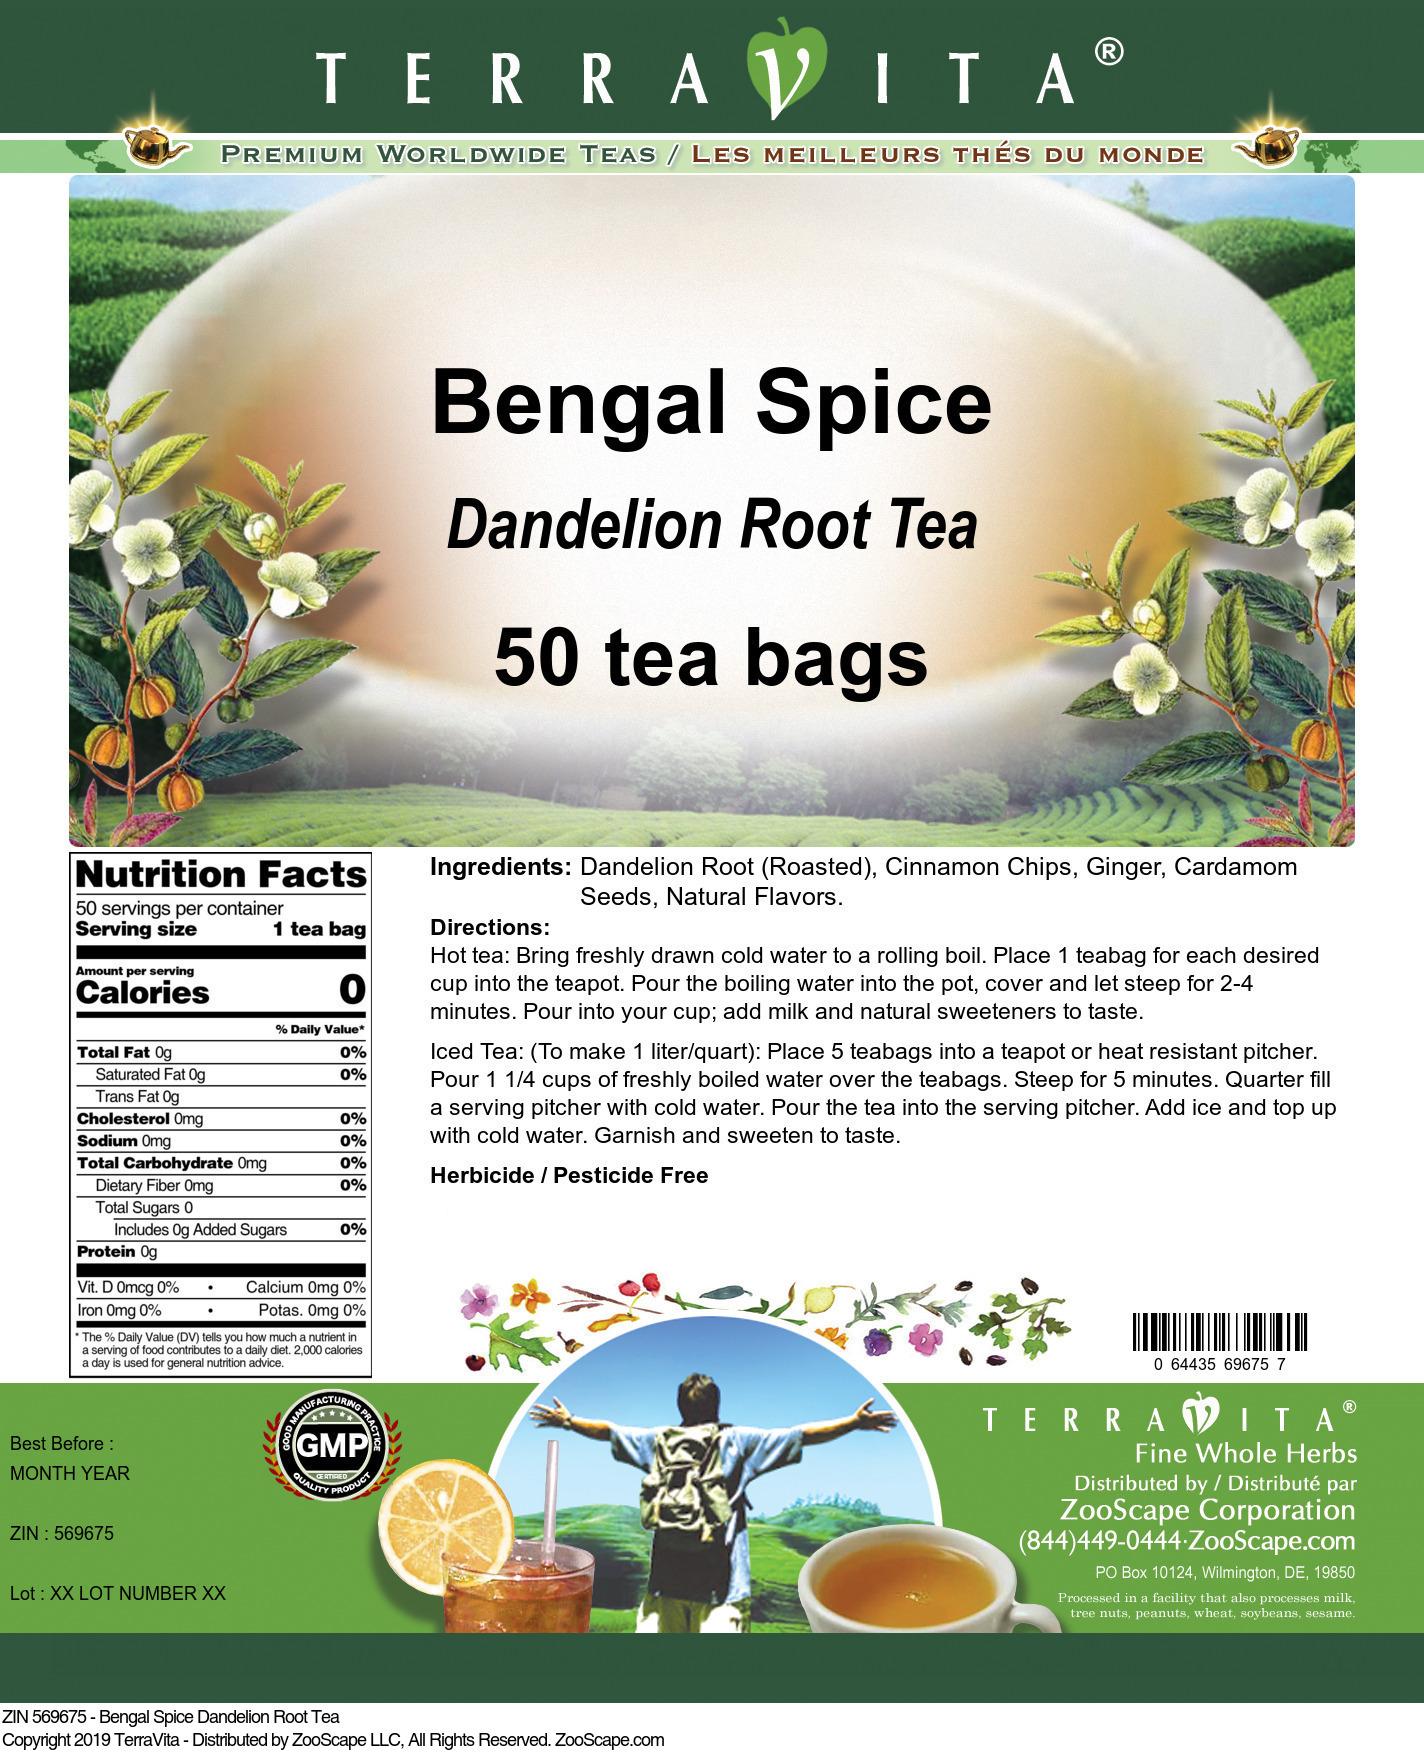 Bengal Spice Dandelion Root Tea